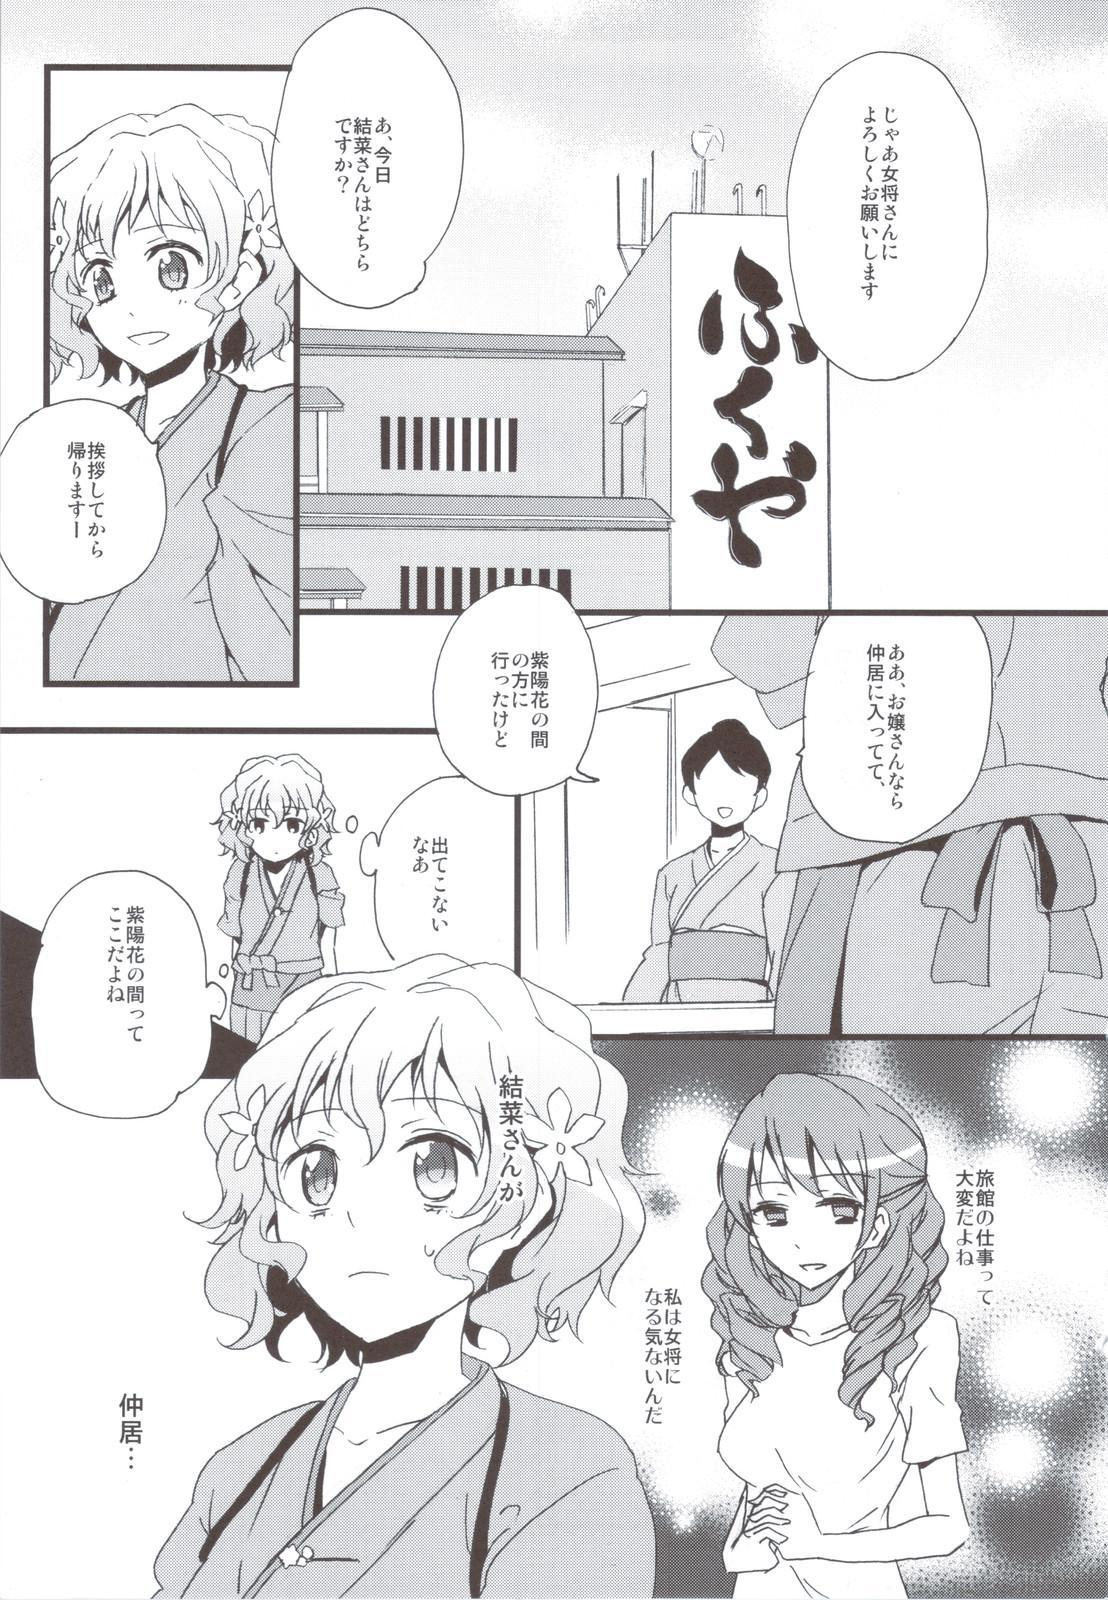 Ohana no Iroha 2